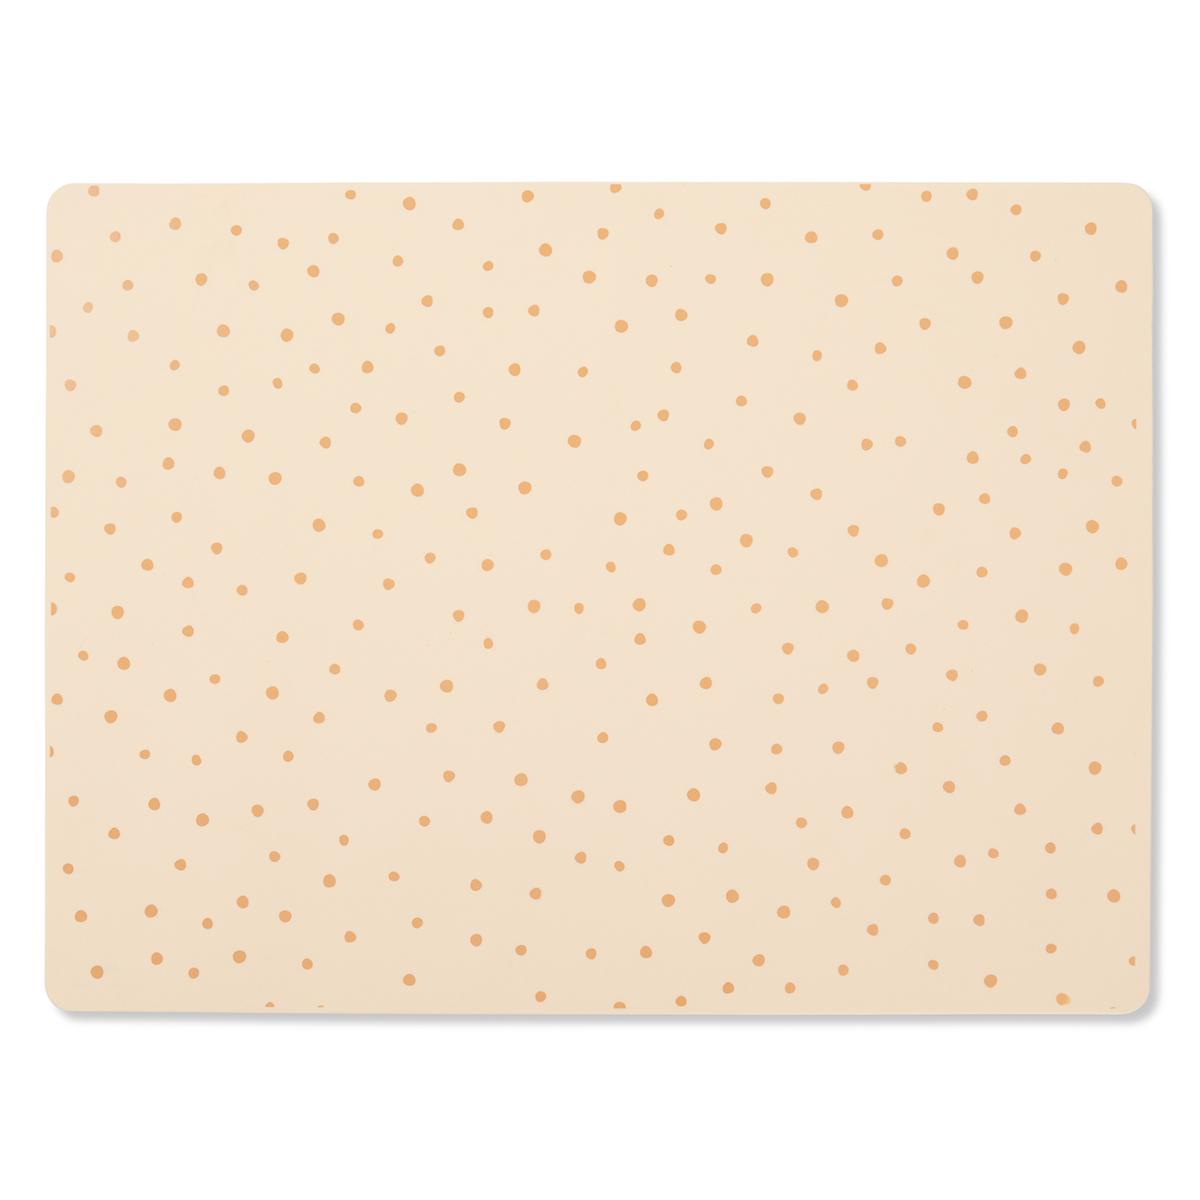 Vaisselle & Couvert Set de Table Silicone - Terracotta Dot Set de Table Silicone - Terracotta Dot